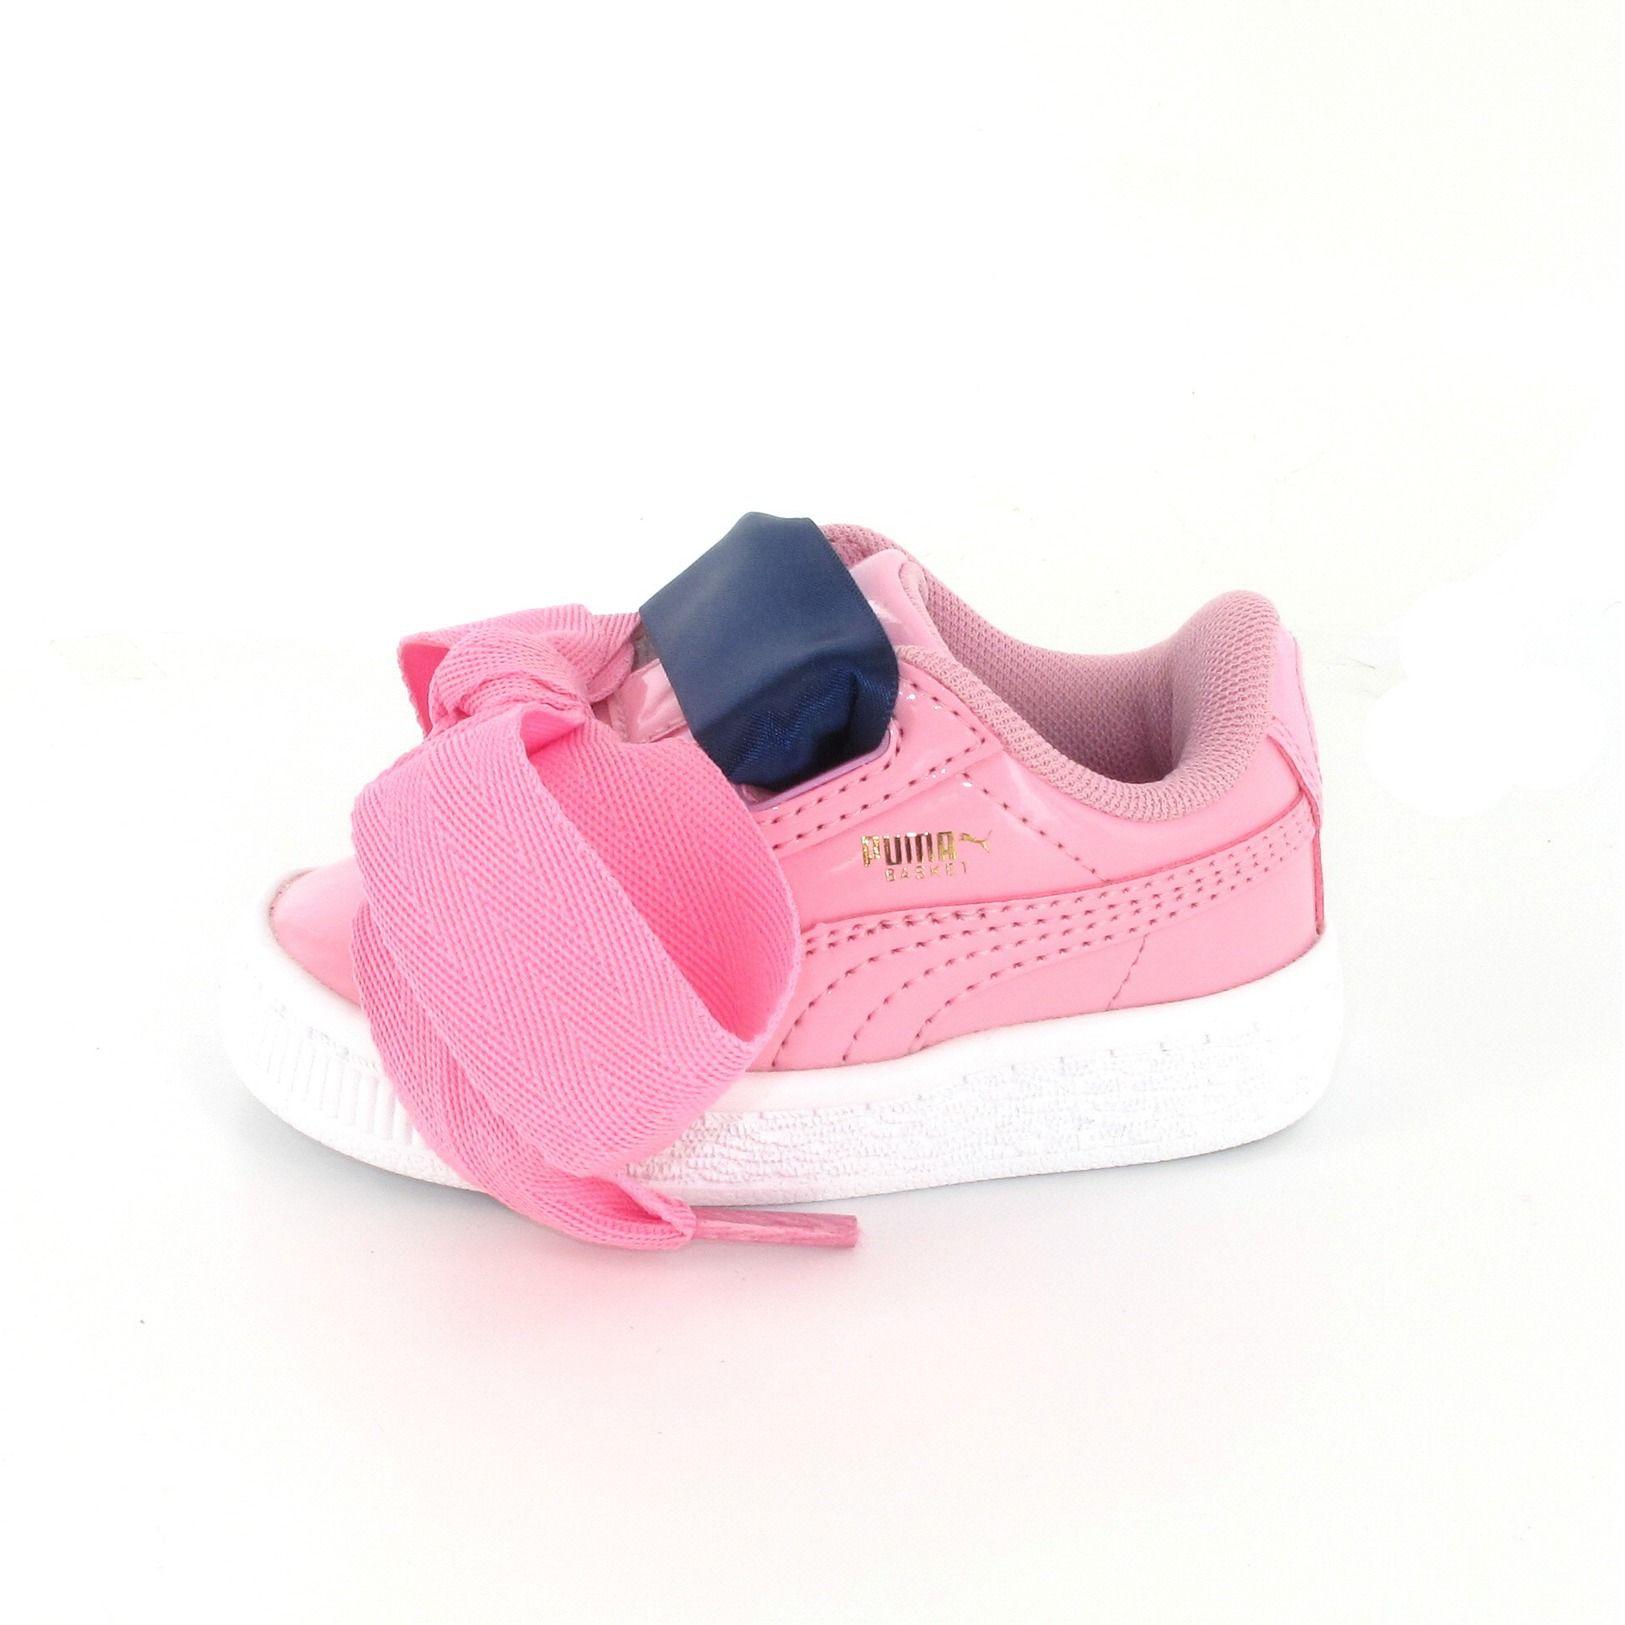 PUMA | Sneakers veter | Kinderschoenen | Schoenen | Ralet ...